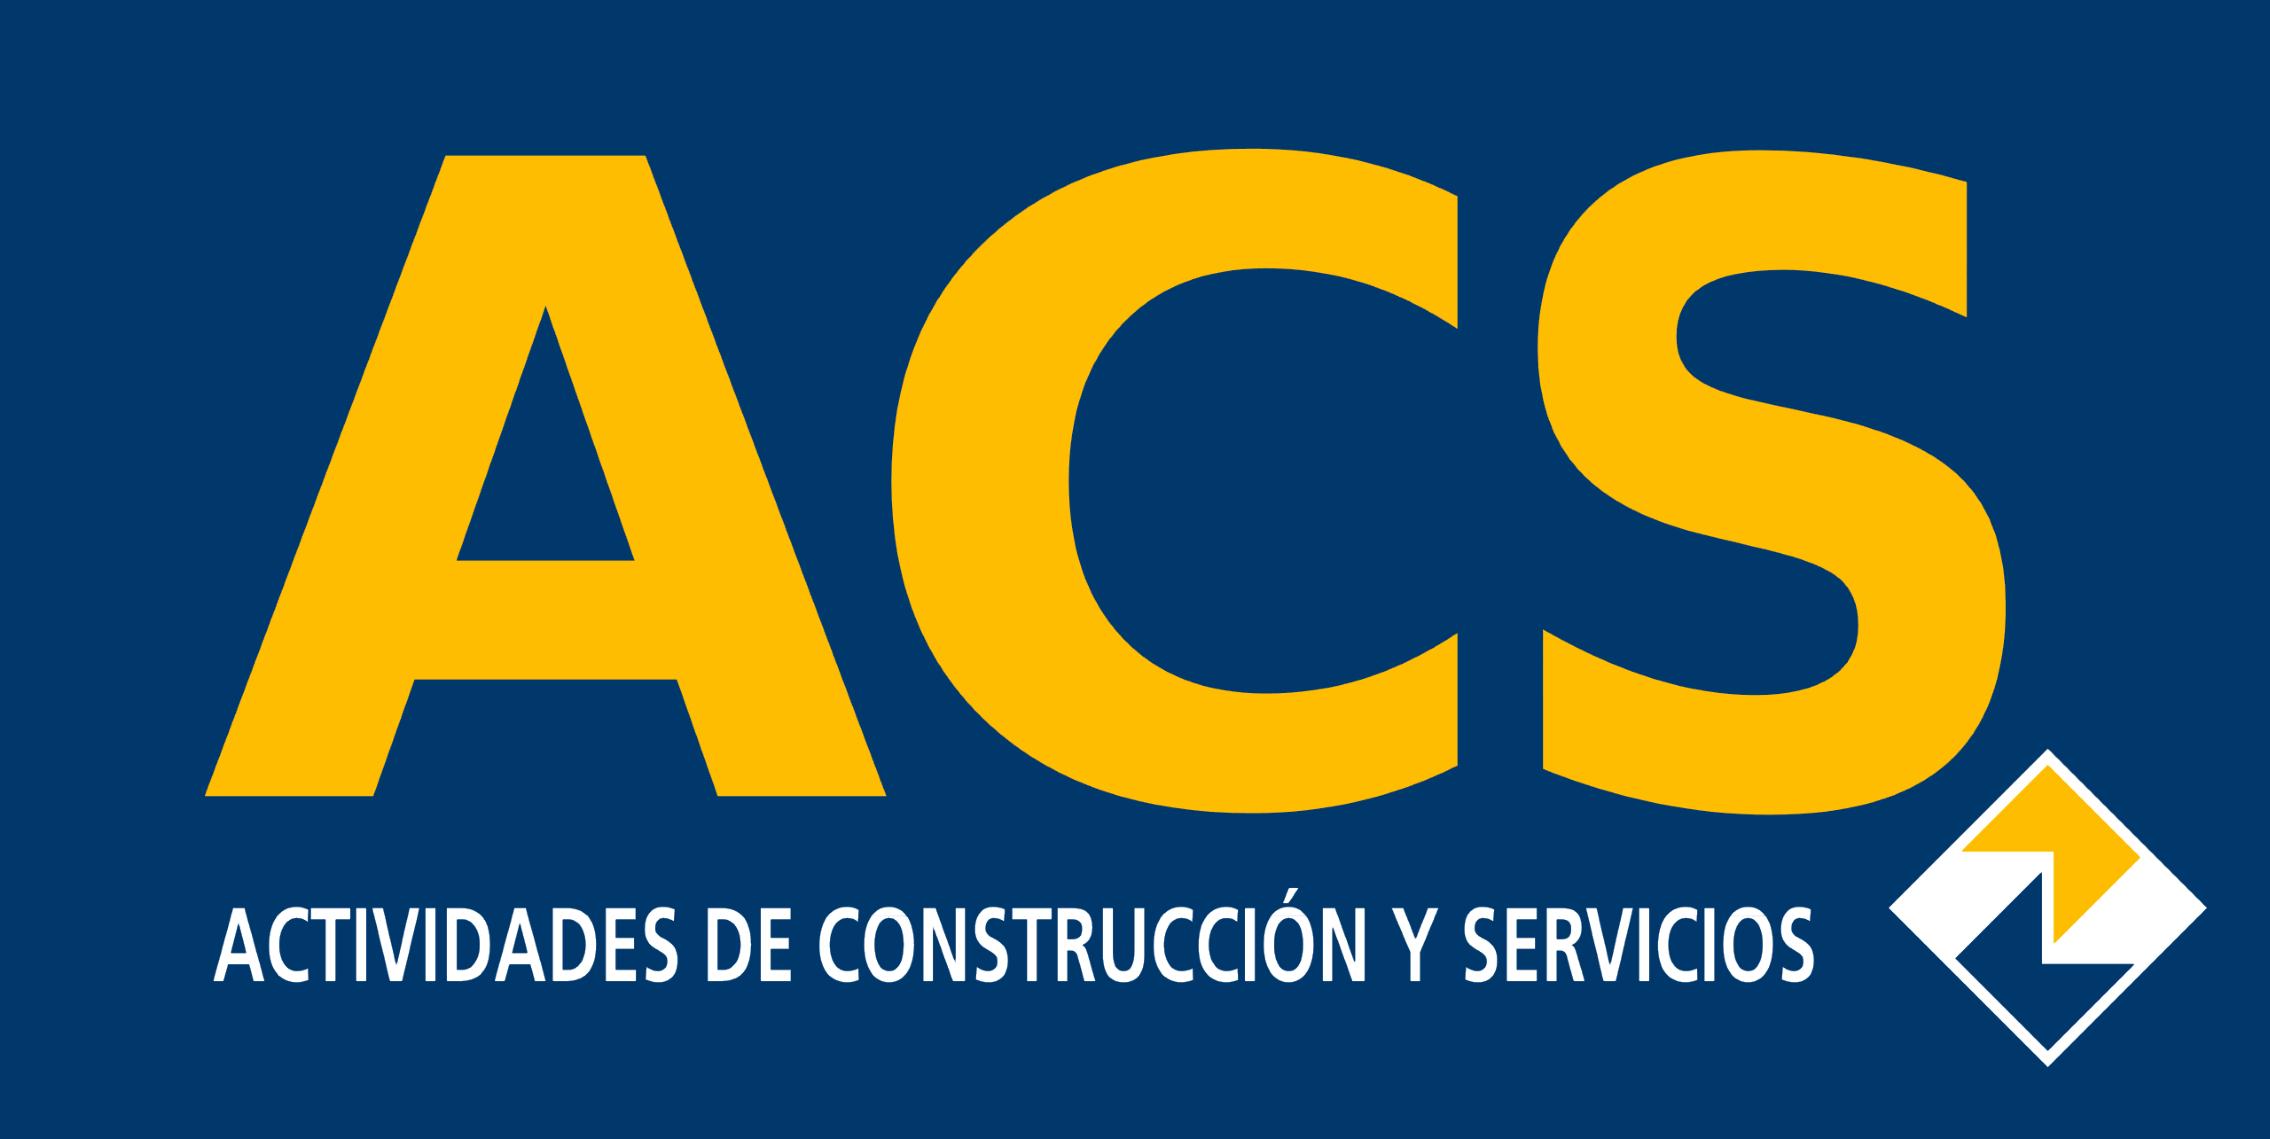 ACS Group - Wikipedia